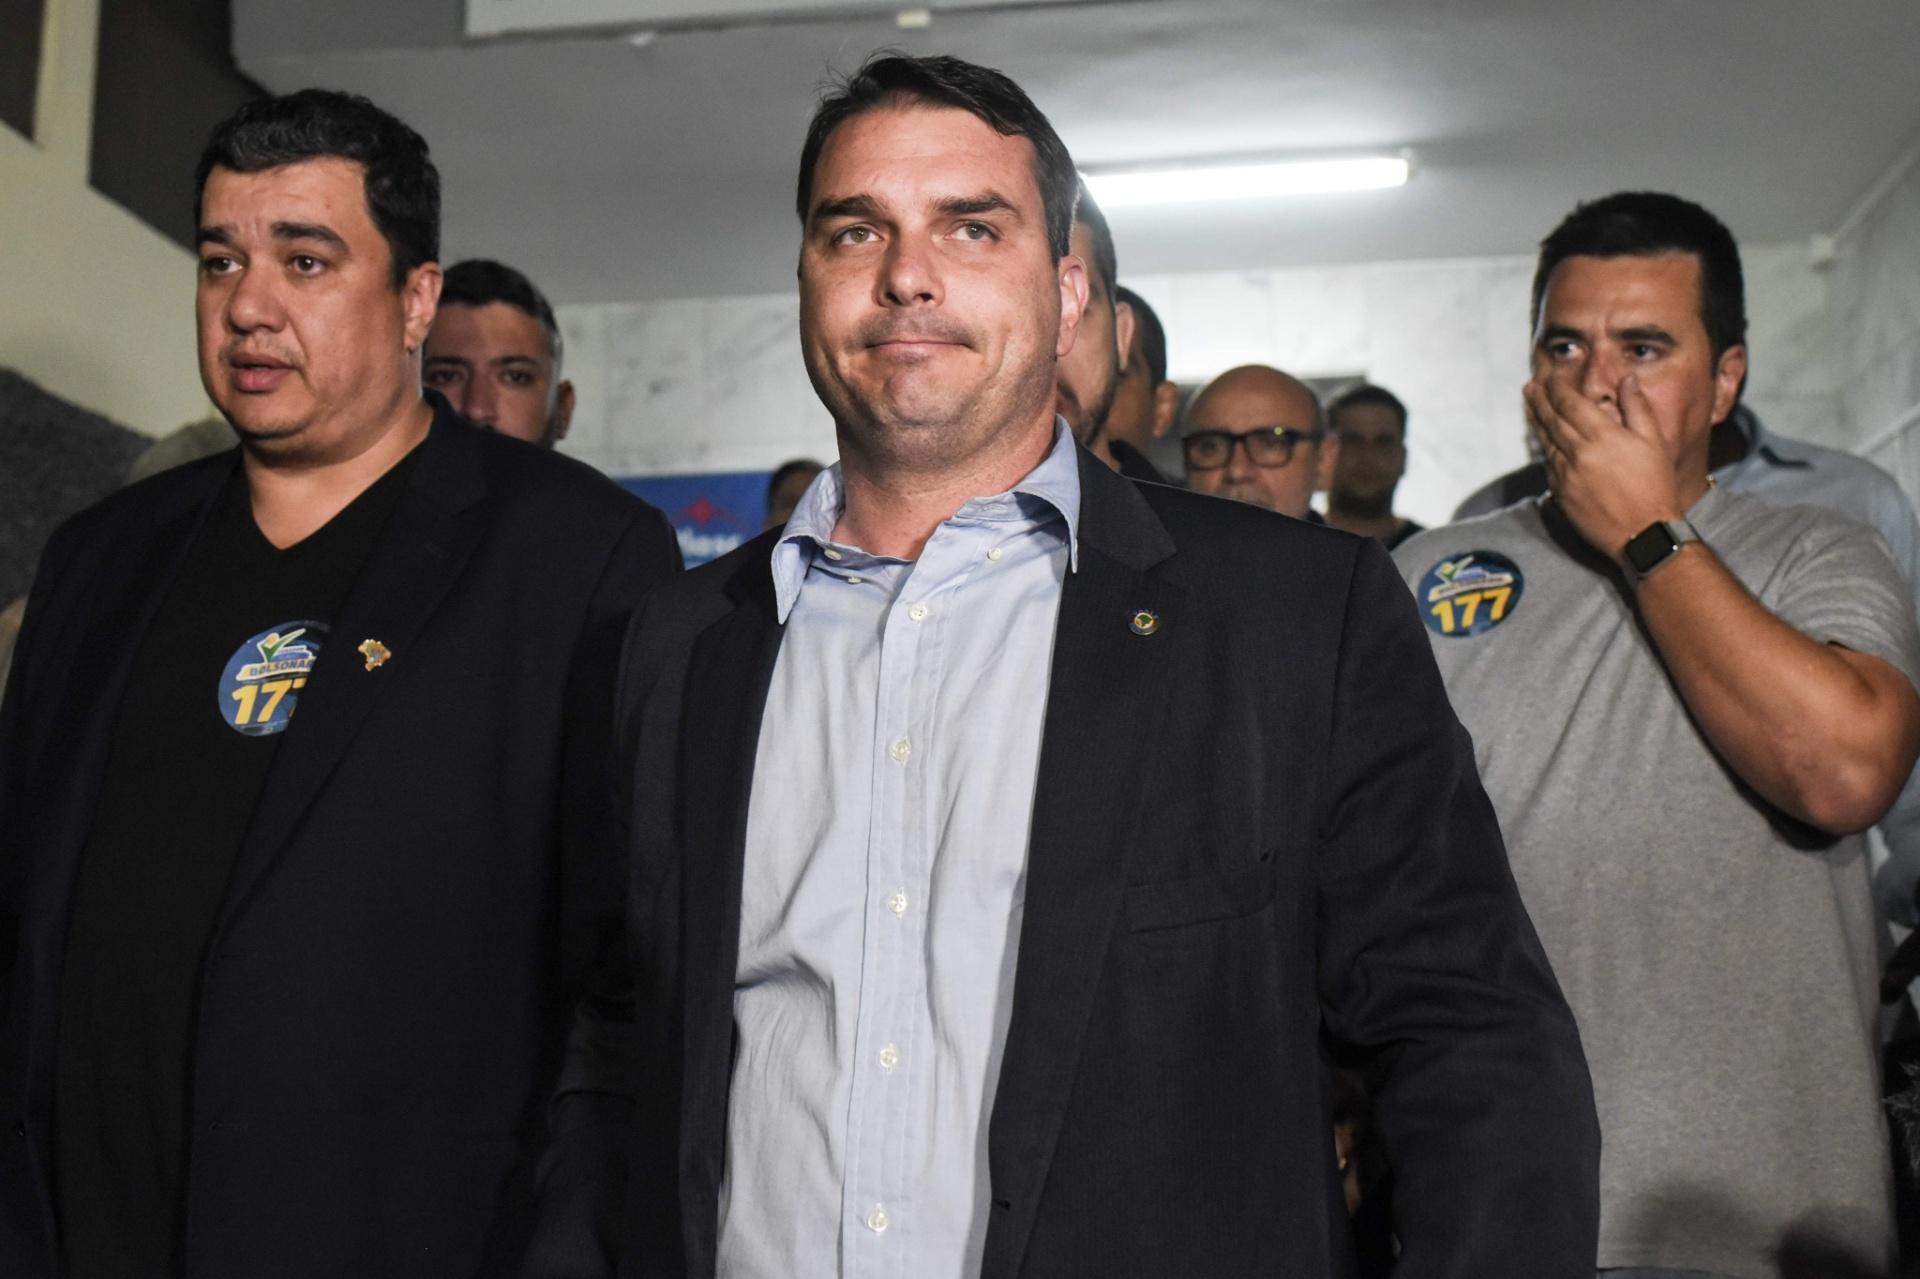 6.set.2018 - Flavio Bolsonaro, filho de Bolsonaro e candidato ao Senado pelo Rio, chega à Santa Casa de Juiz de Fora onde o pai está internado na UTI